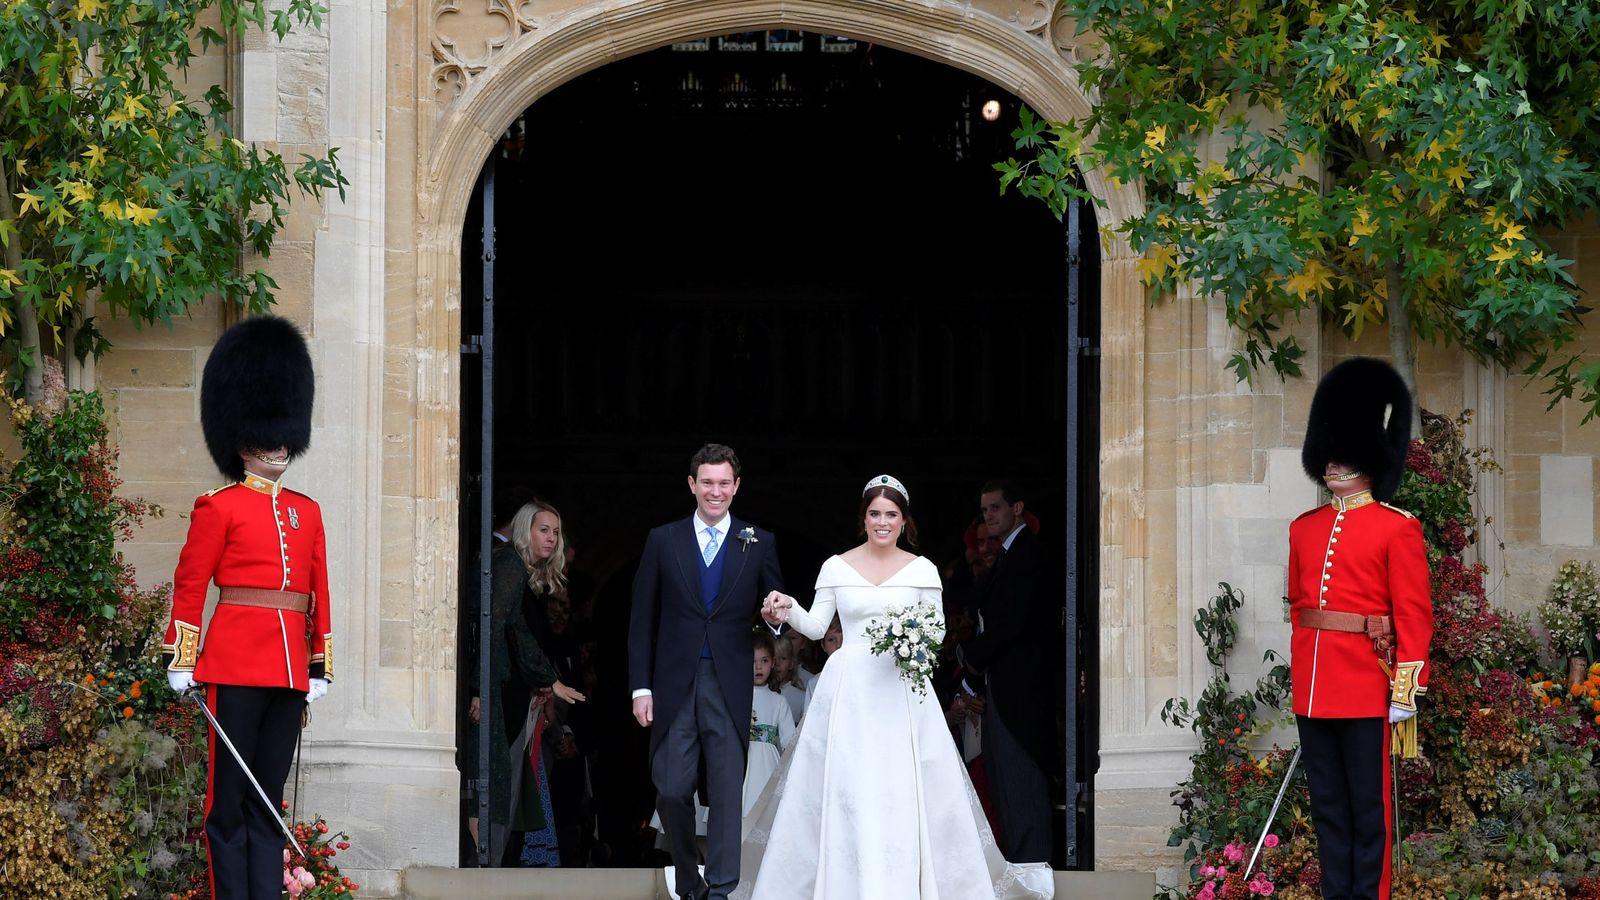 Directo - La boda de Eugenia de York y Jack Brooksbank en Windsor